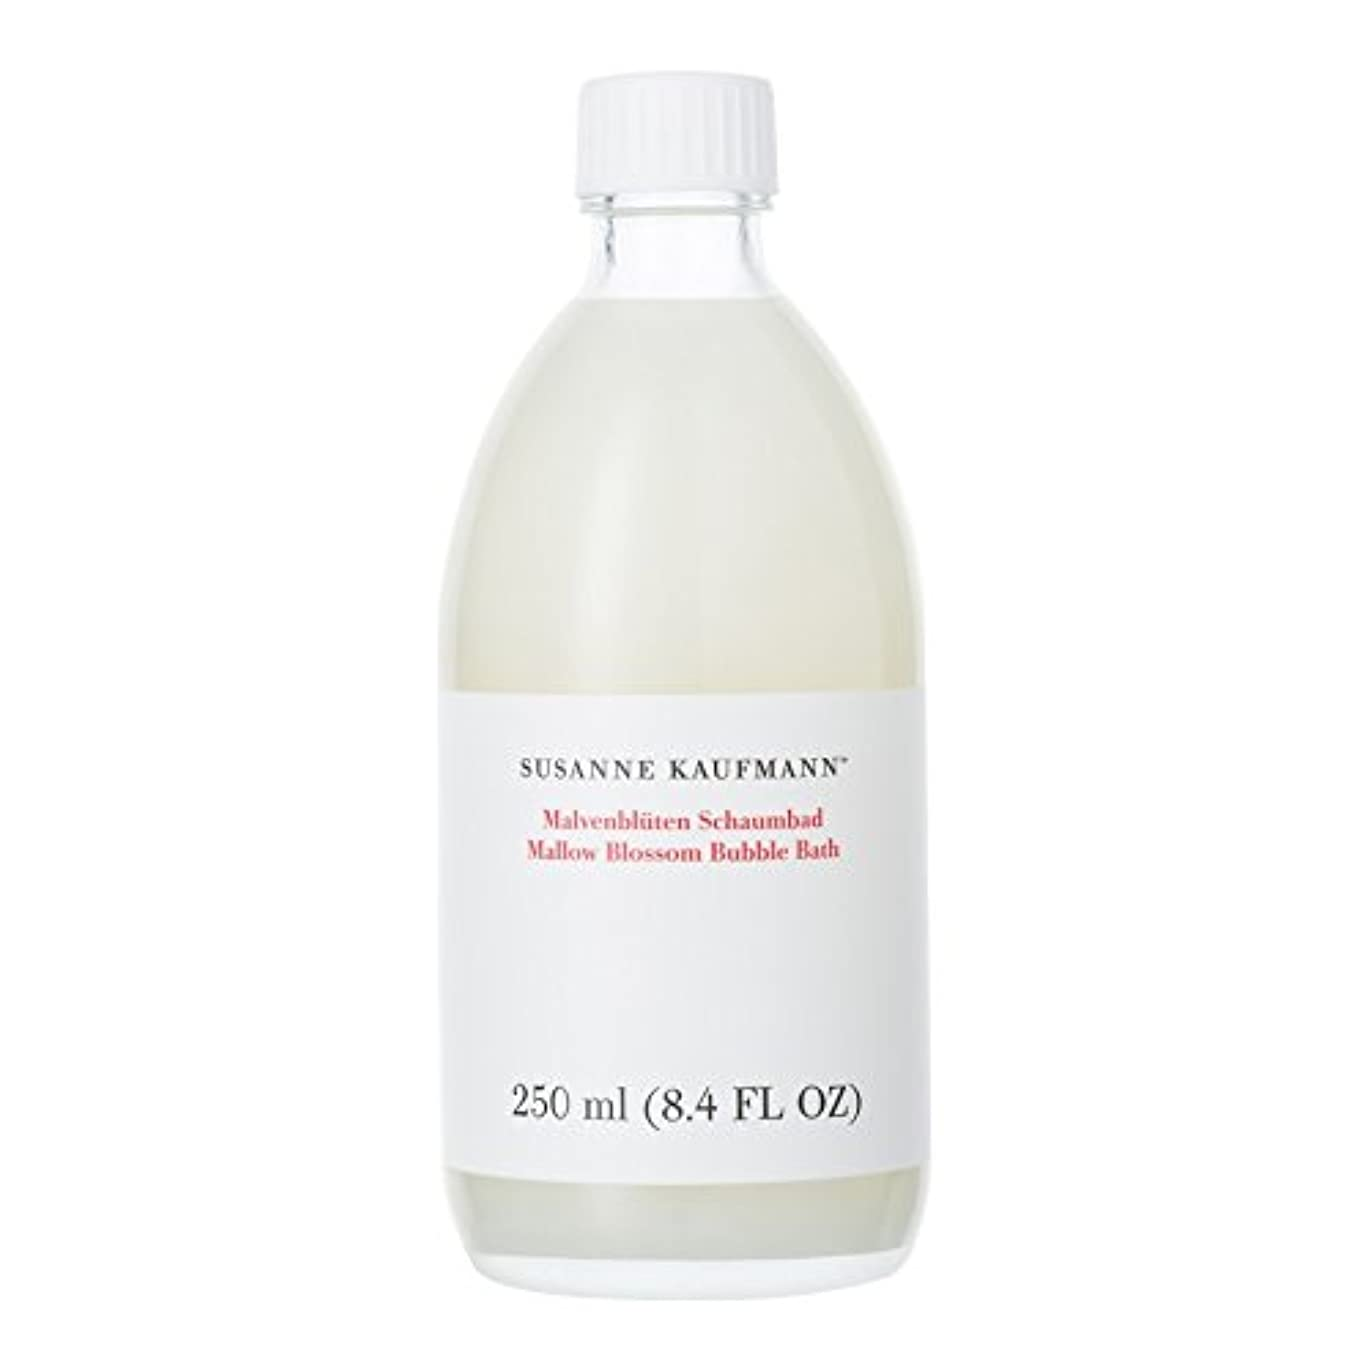 結核メイエラ喜んでSusanne Kaufmann Mallow Blossom Bath 250ml - スザンヌカウフマンアオイ花バス250ミリリットル [並行輸入品]